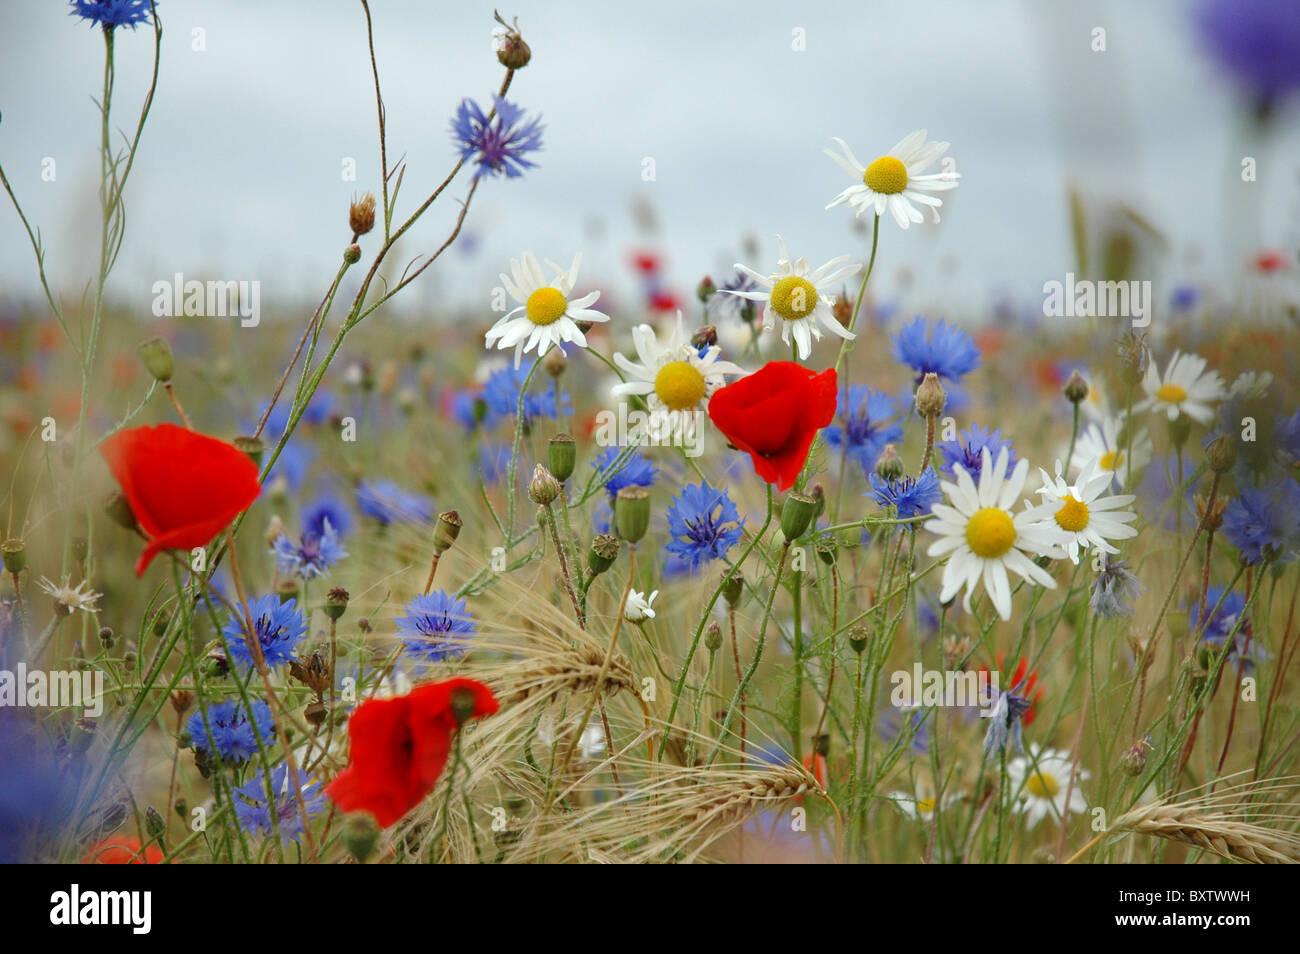 bunte wildblumen wie g nsebl mchen kornblume mohn auf wiese im sommer stockfoto bild. Black Bedroom Furniture Sets. Home Design Ideas